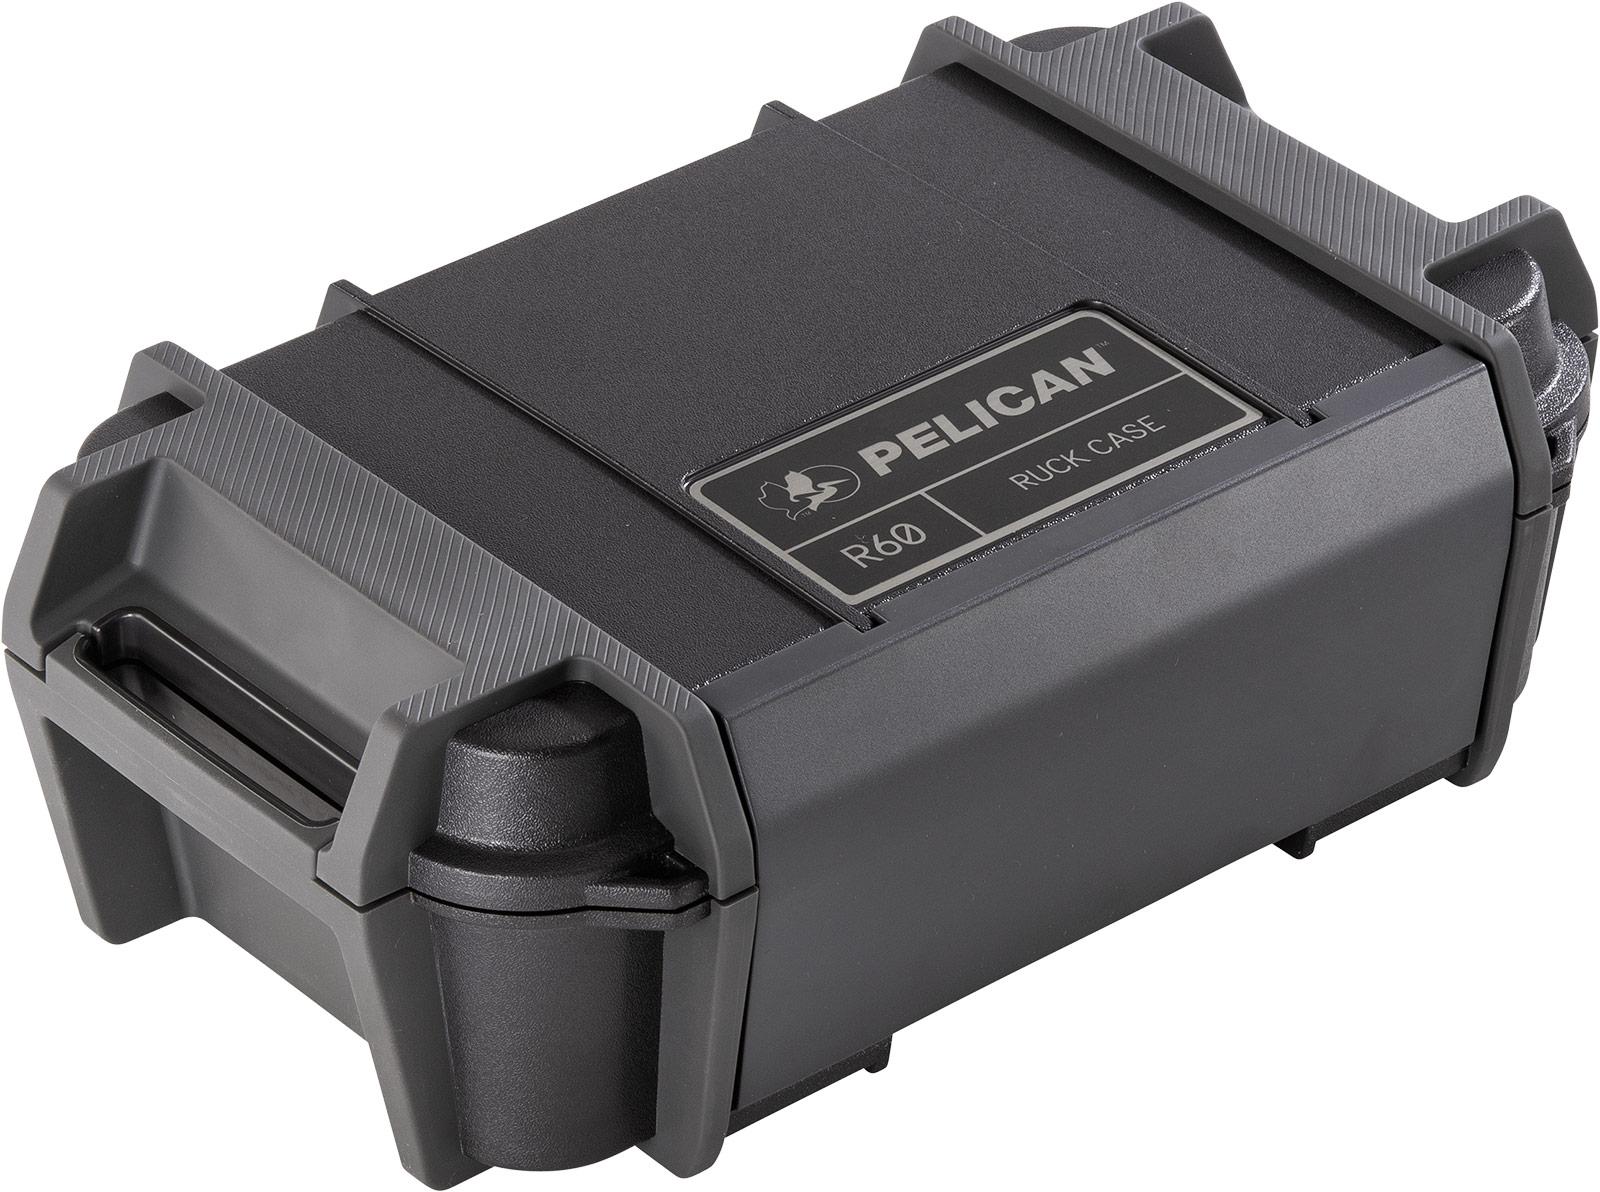 PELICAN(ペリカン) RUCK CASE R60 ラックケース カラー全4色 保護ケース ベルクロ付 防水 耐衝撃 防塵 ハードケース